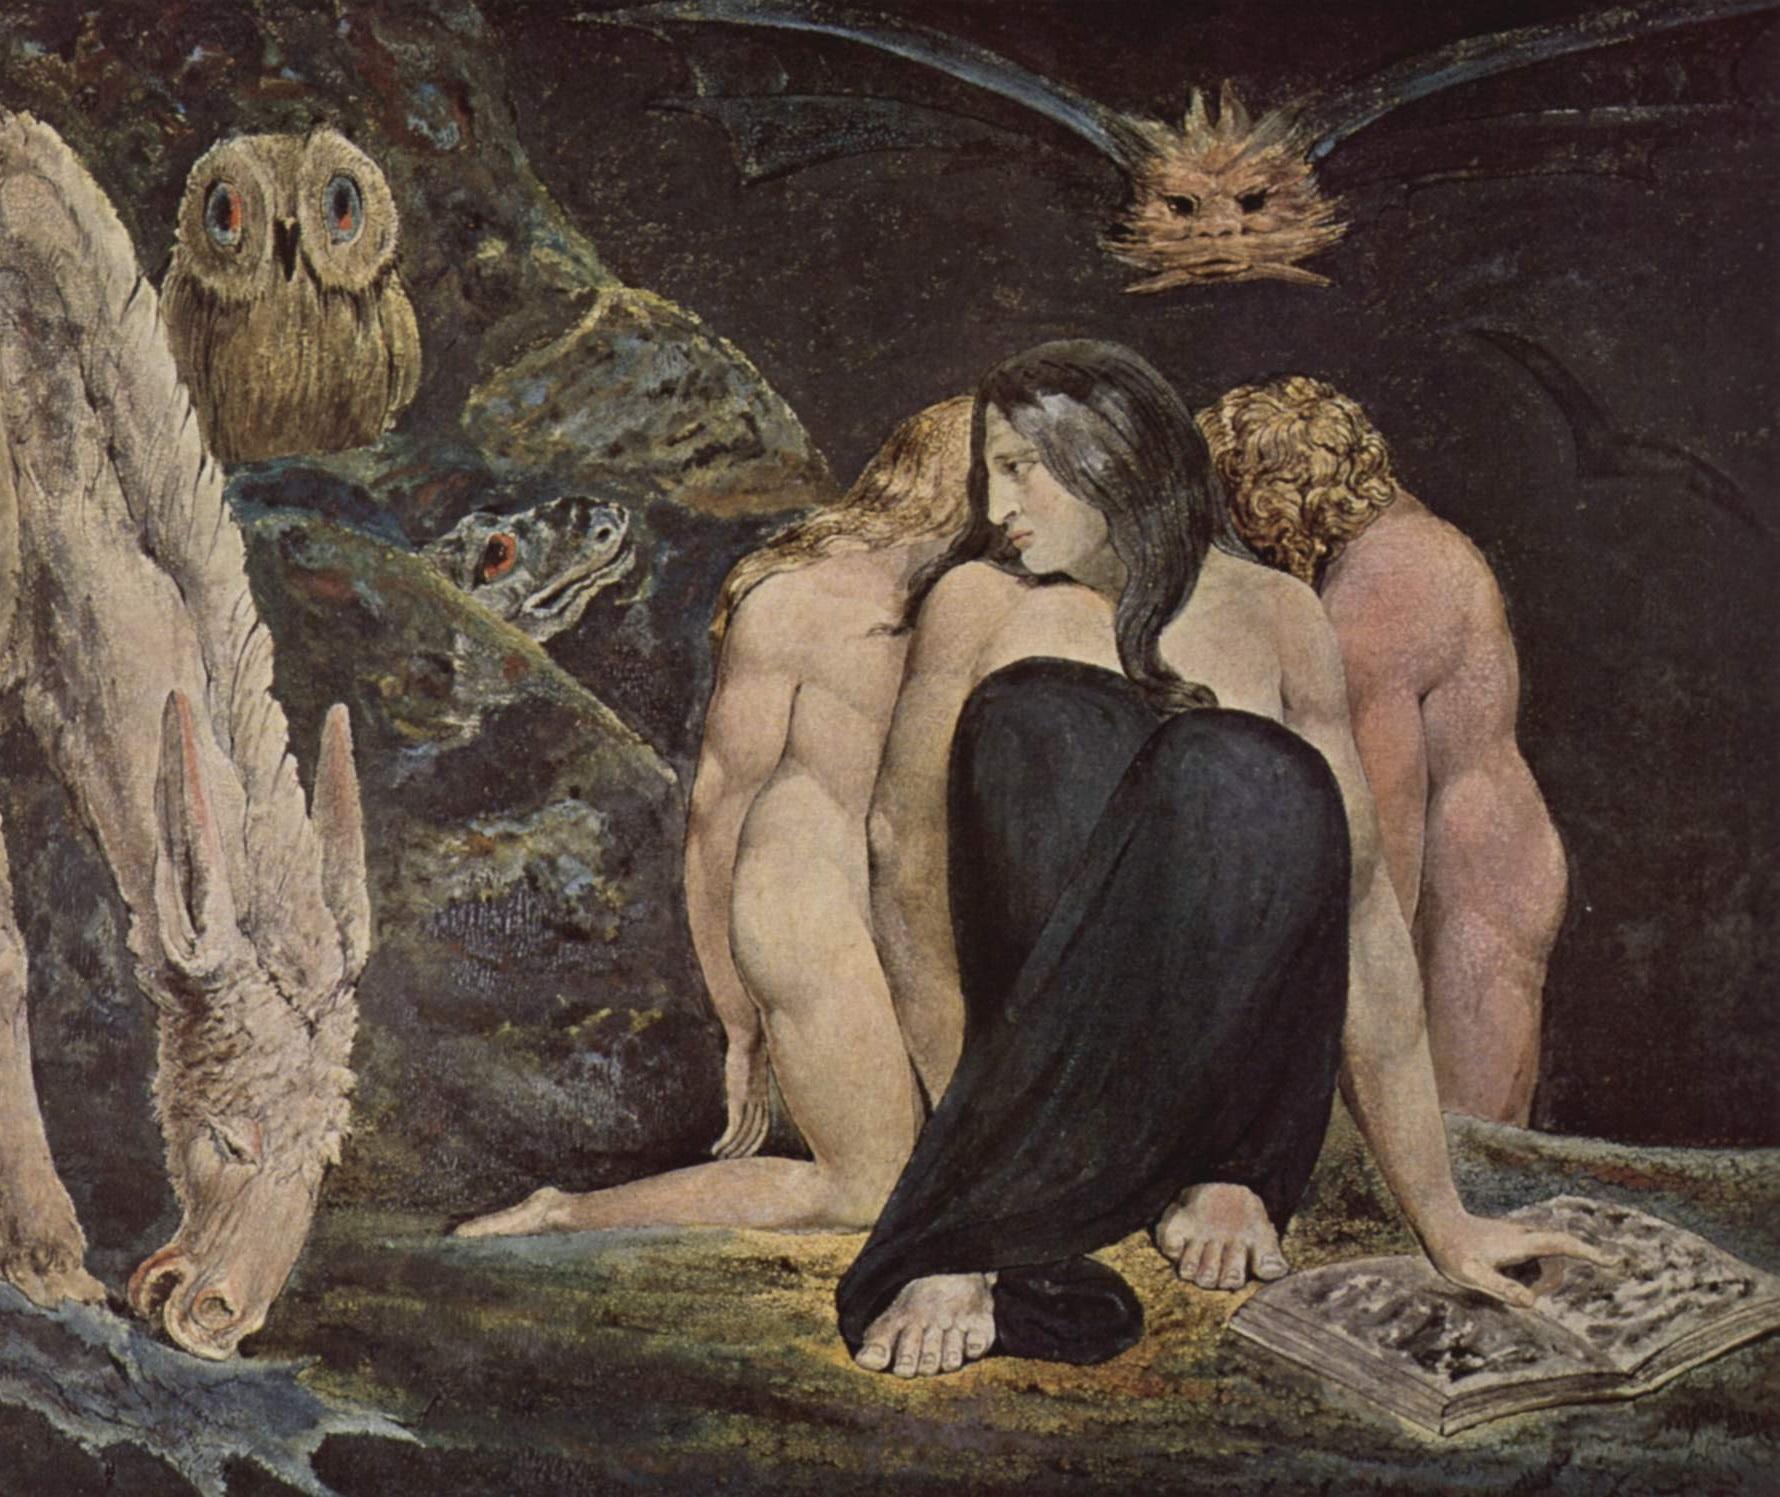 W.Blake: Ecate